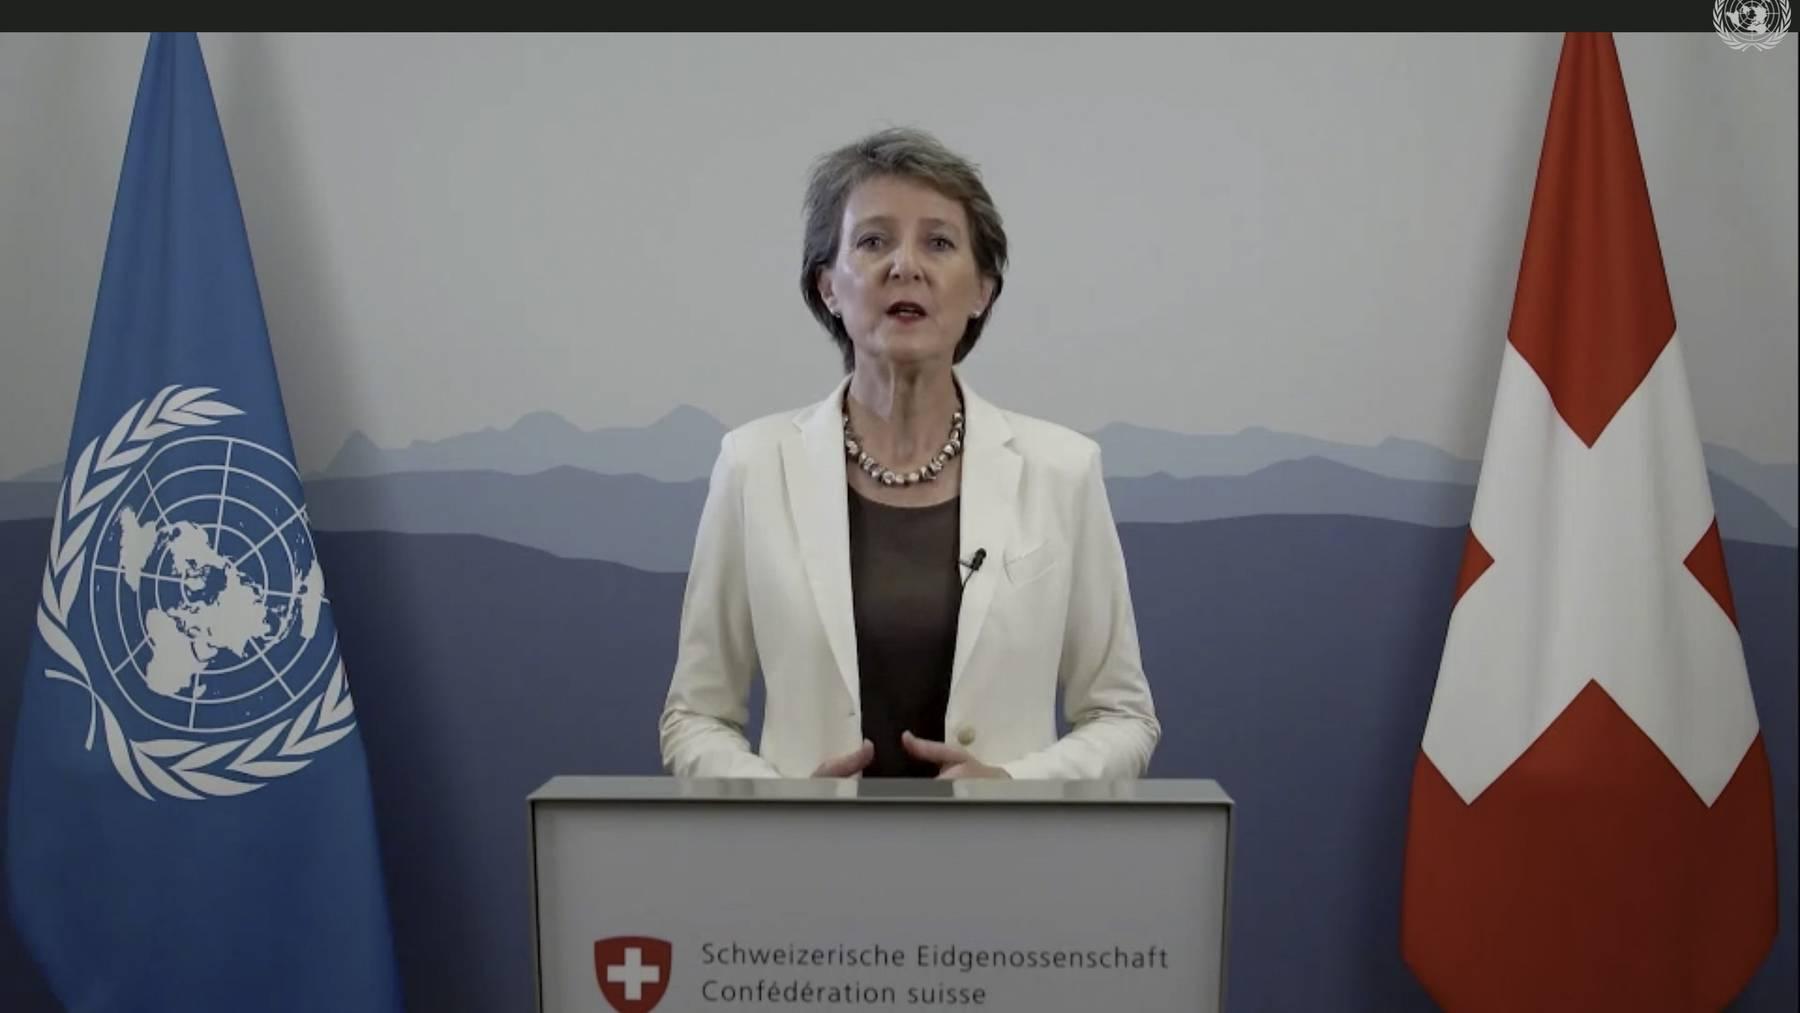 Bundespräsidentin Simonetta Sommaruga wendet sich in einer Videobotschaft an die 75. Generalversammlung der UNO.